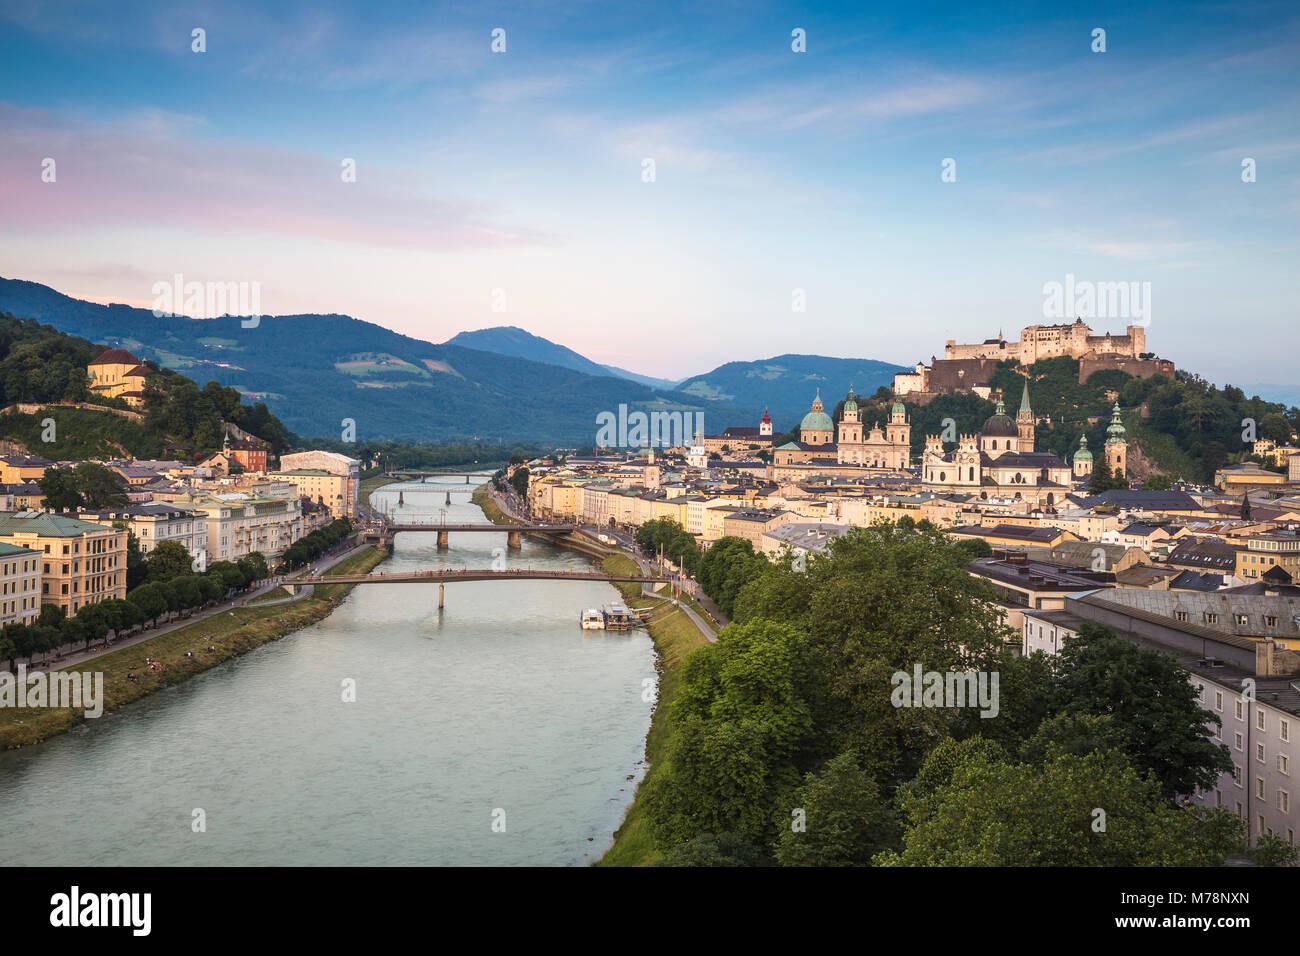 Blick auf die Salzach und der Festung Hohensalzburg über der Altstadt, Salzburg, Österreich, Europa Stockbild